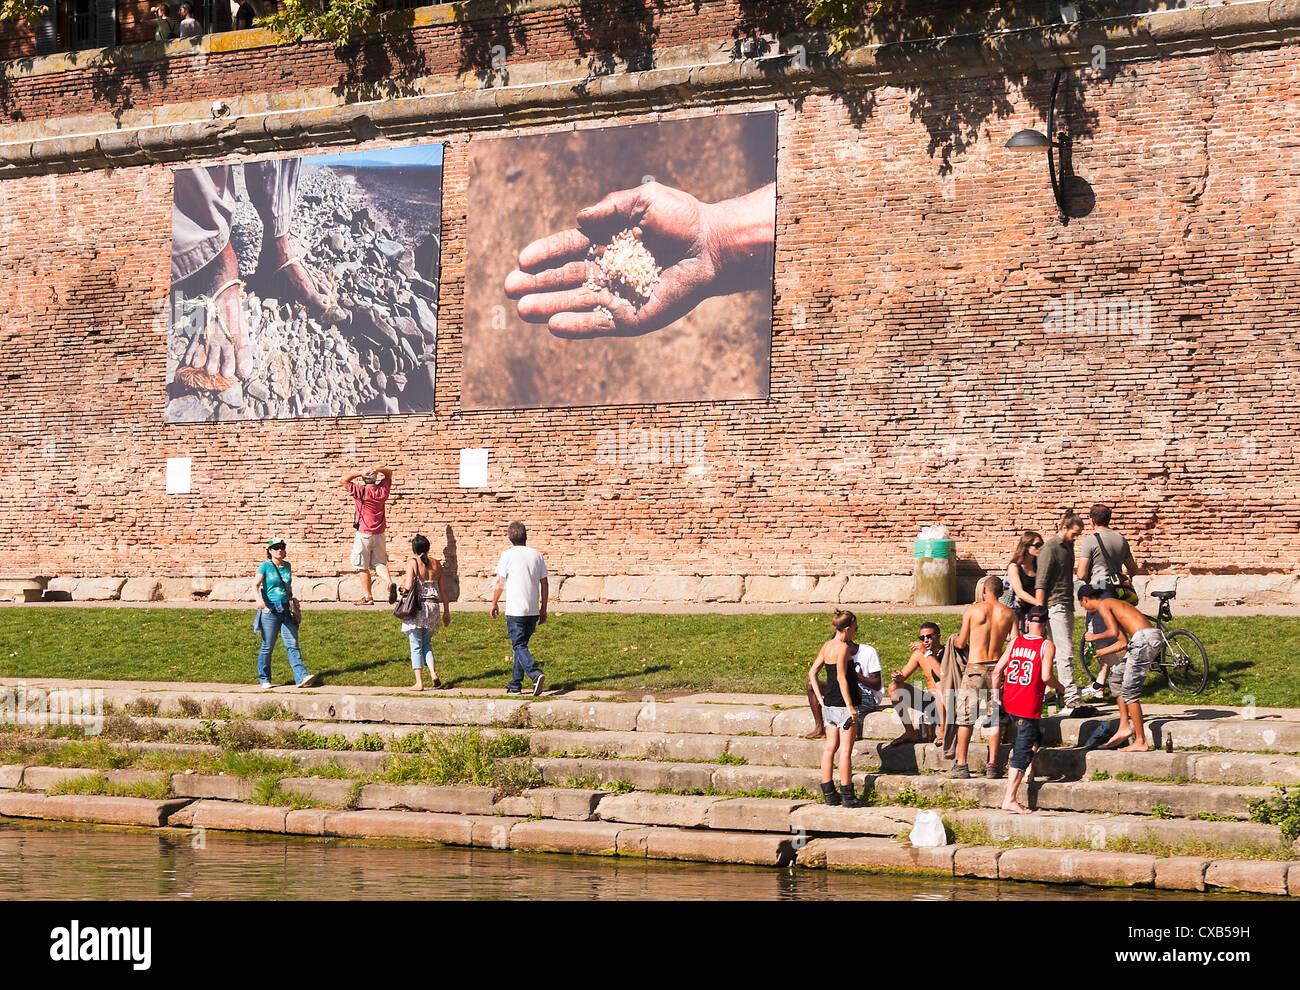 39056a57881 Exposition d art photographique illustrant la tragédie de la guerre par  Reza sur les banques du fleuve Garonne Toulouse Midi-Pyrénées France